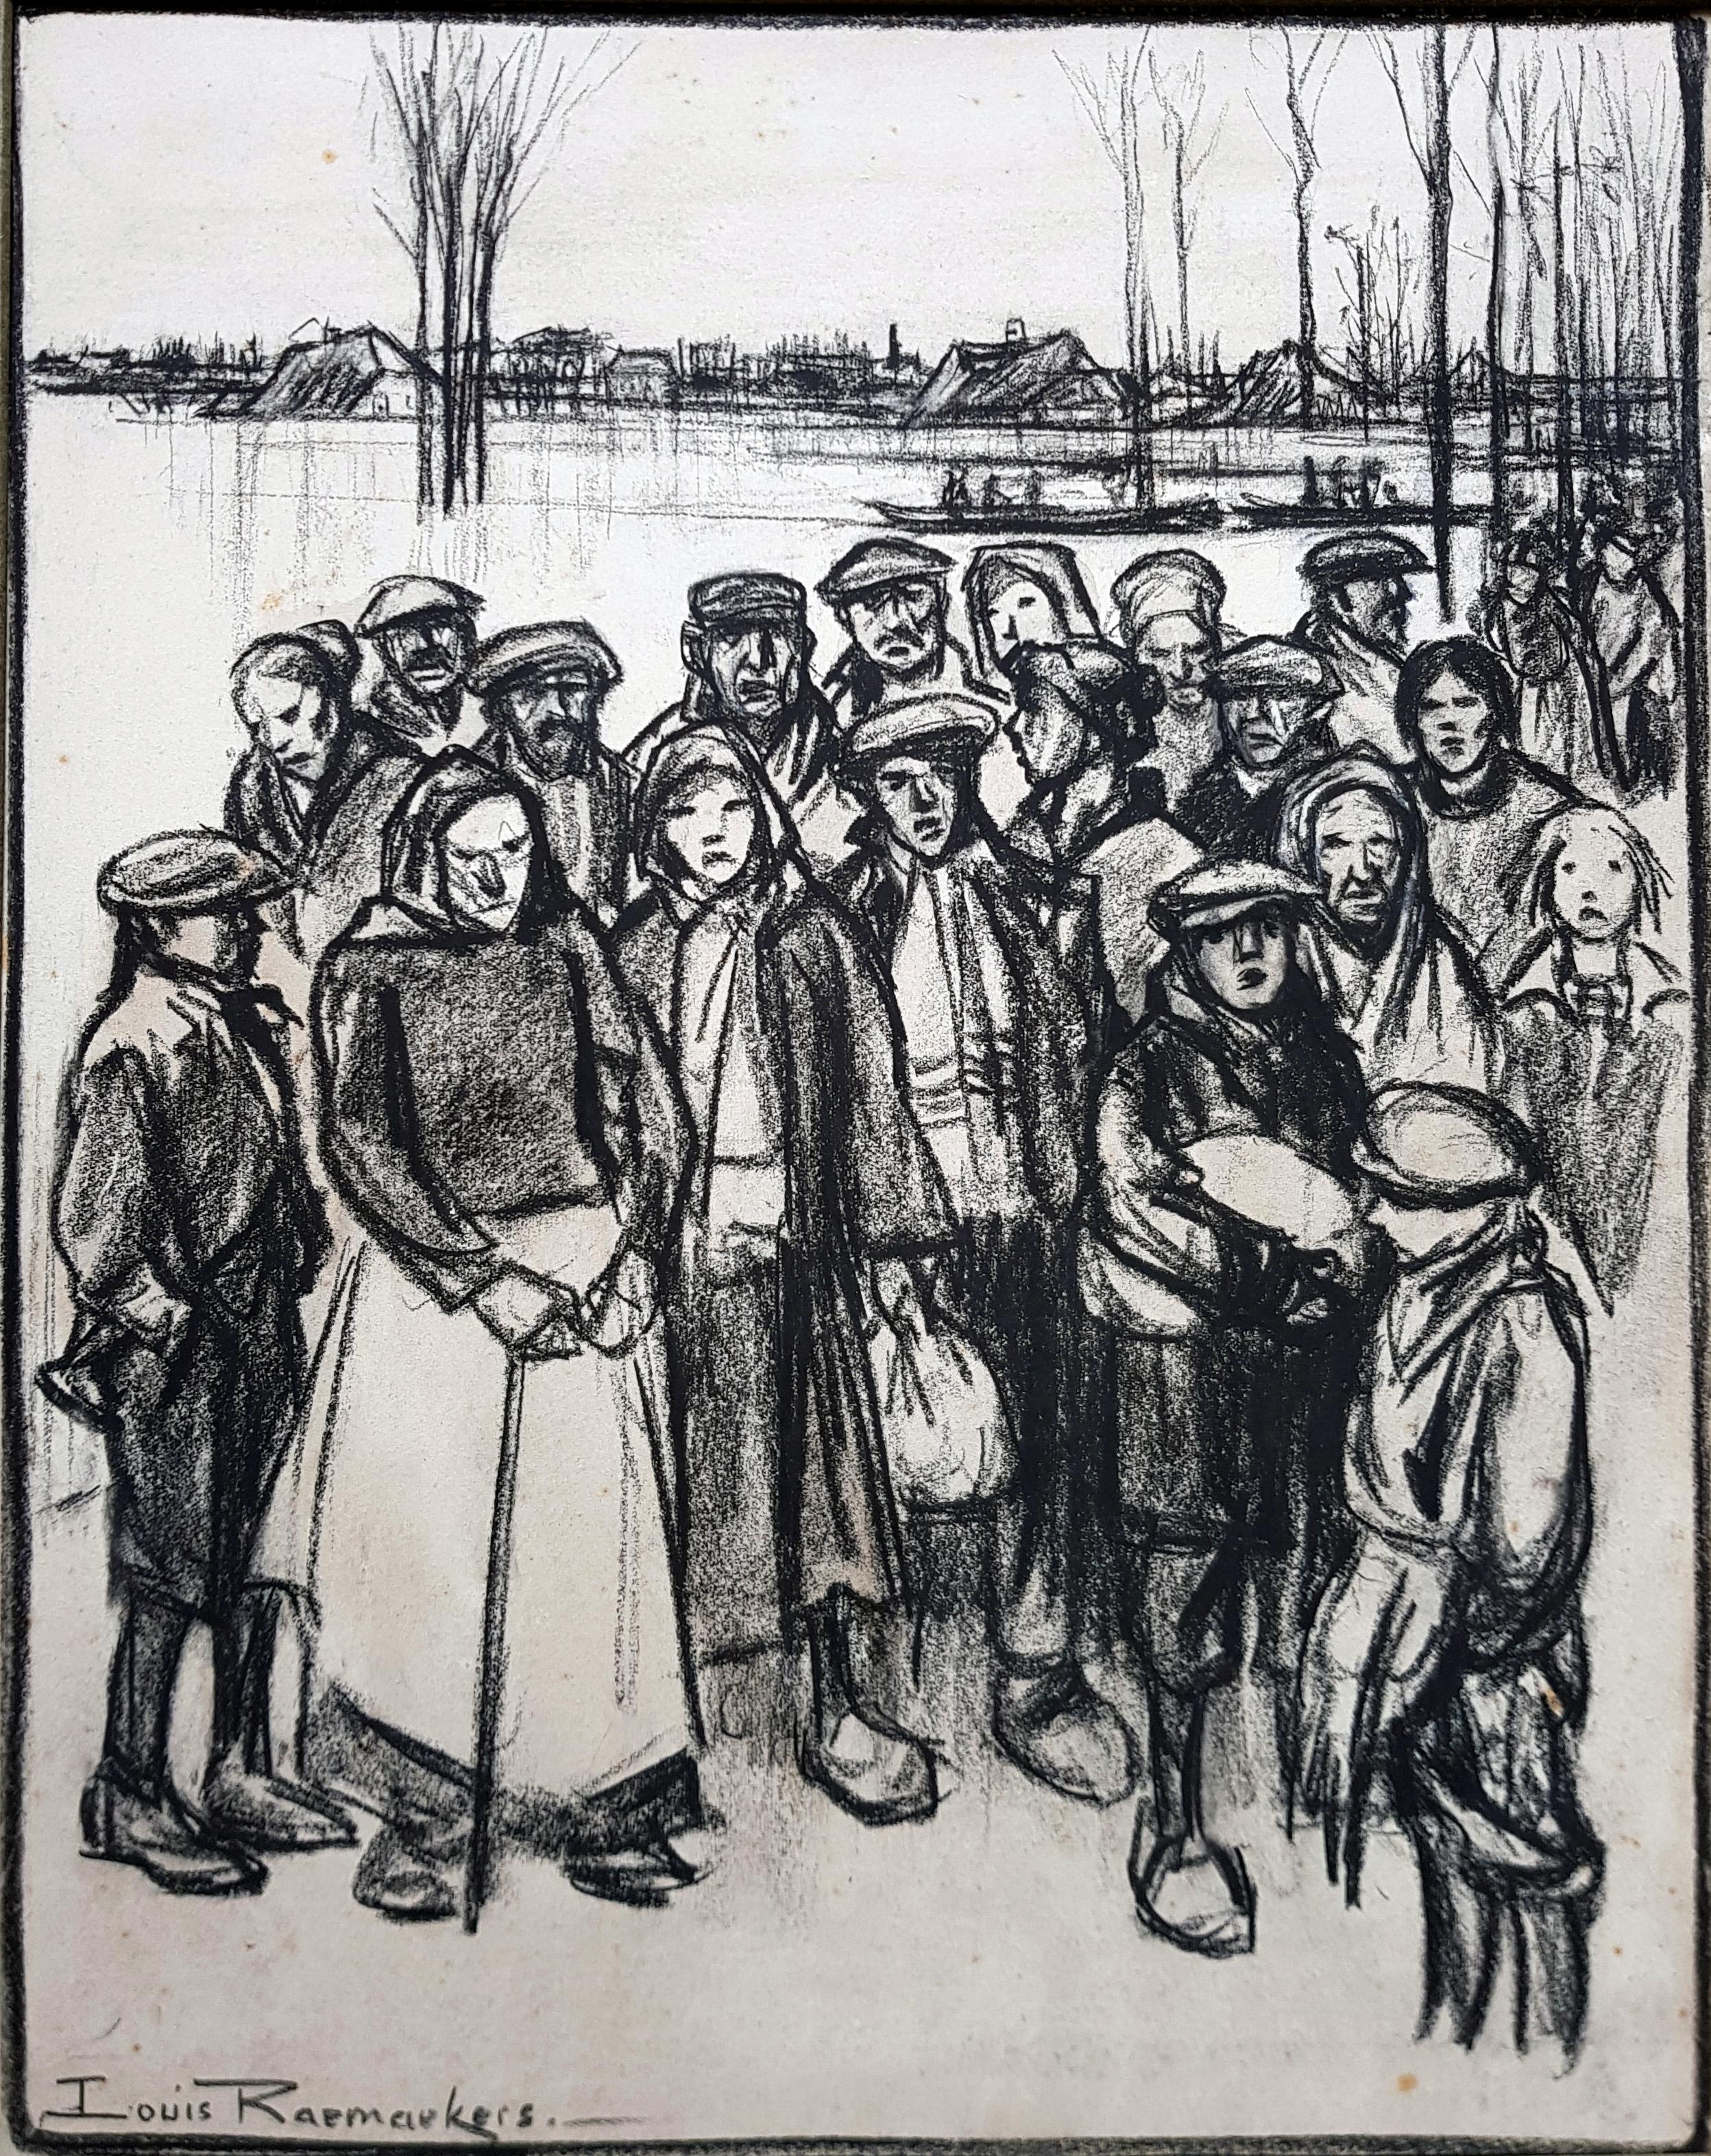 Vluchtelingen- Louis Raemaekers